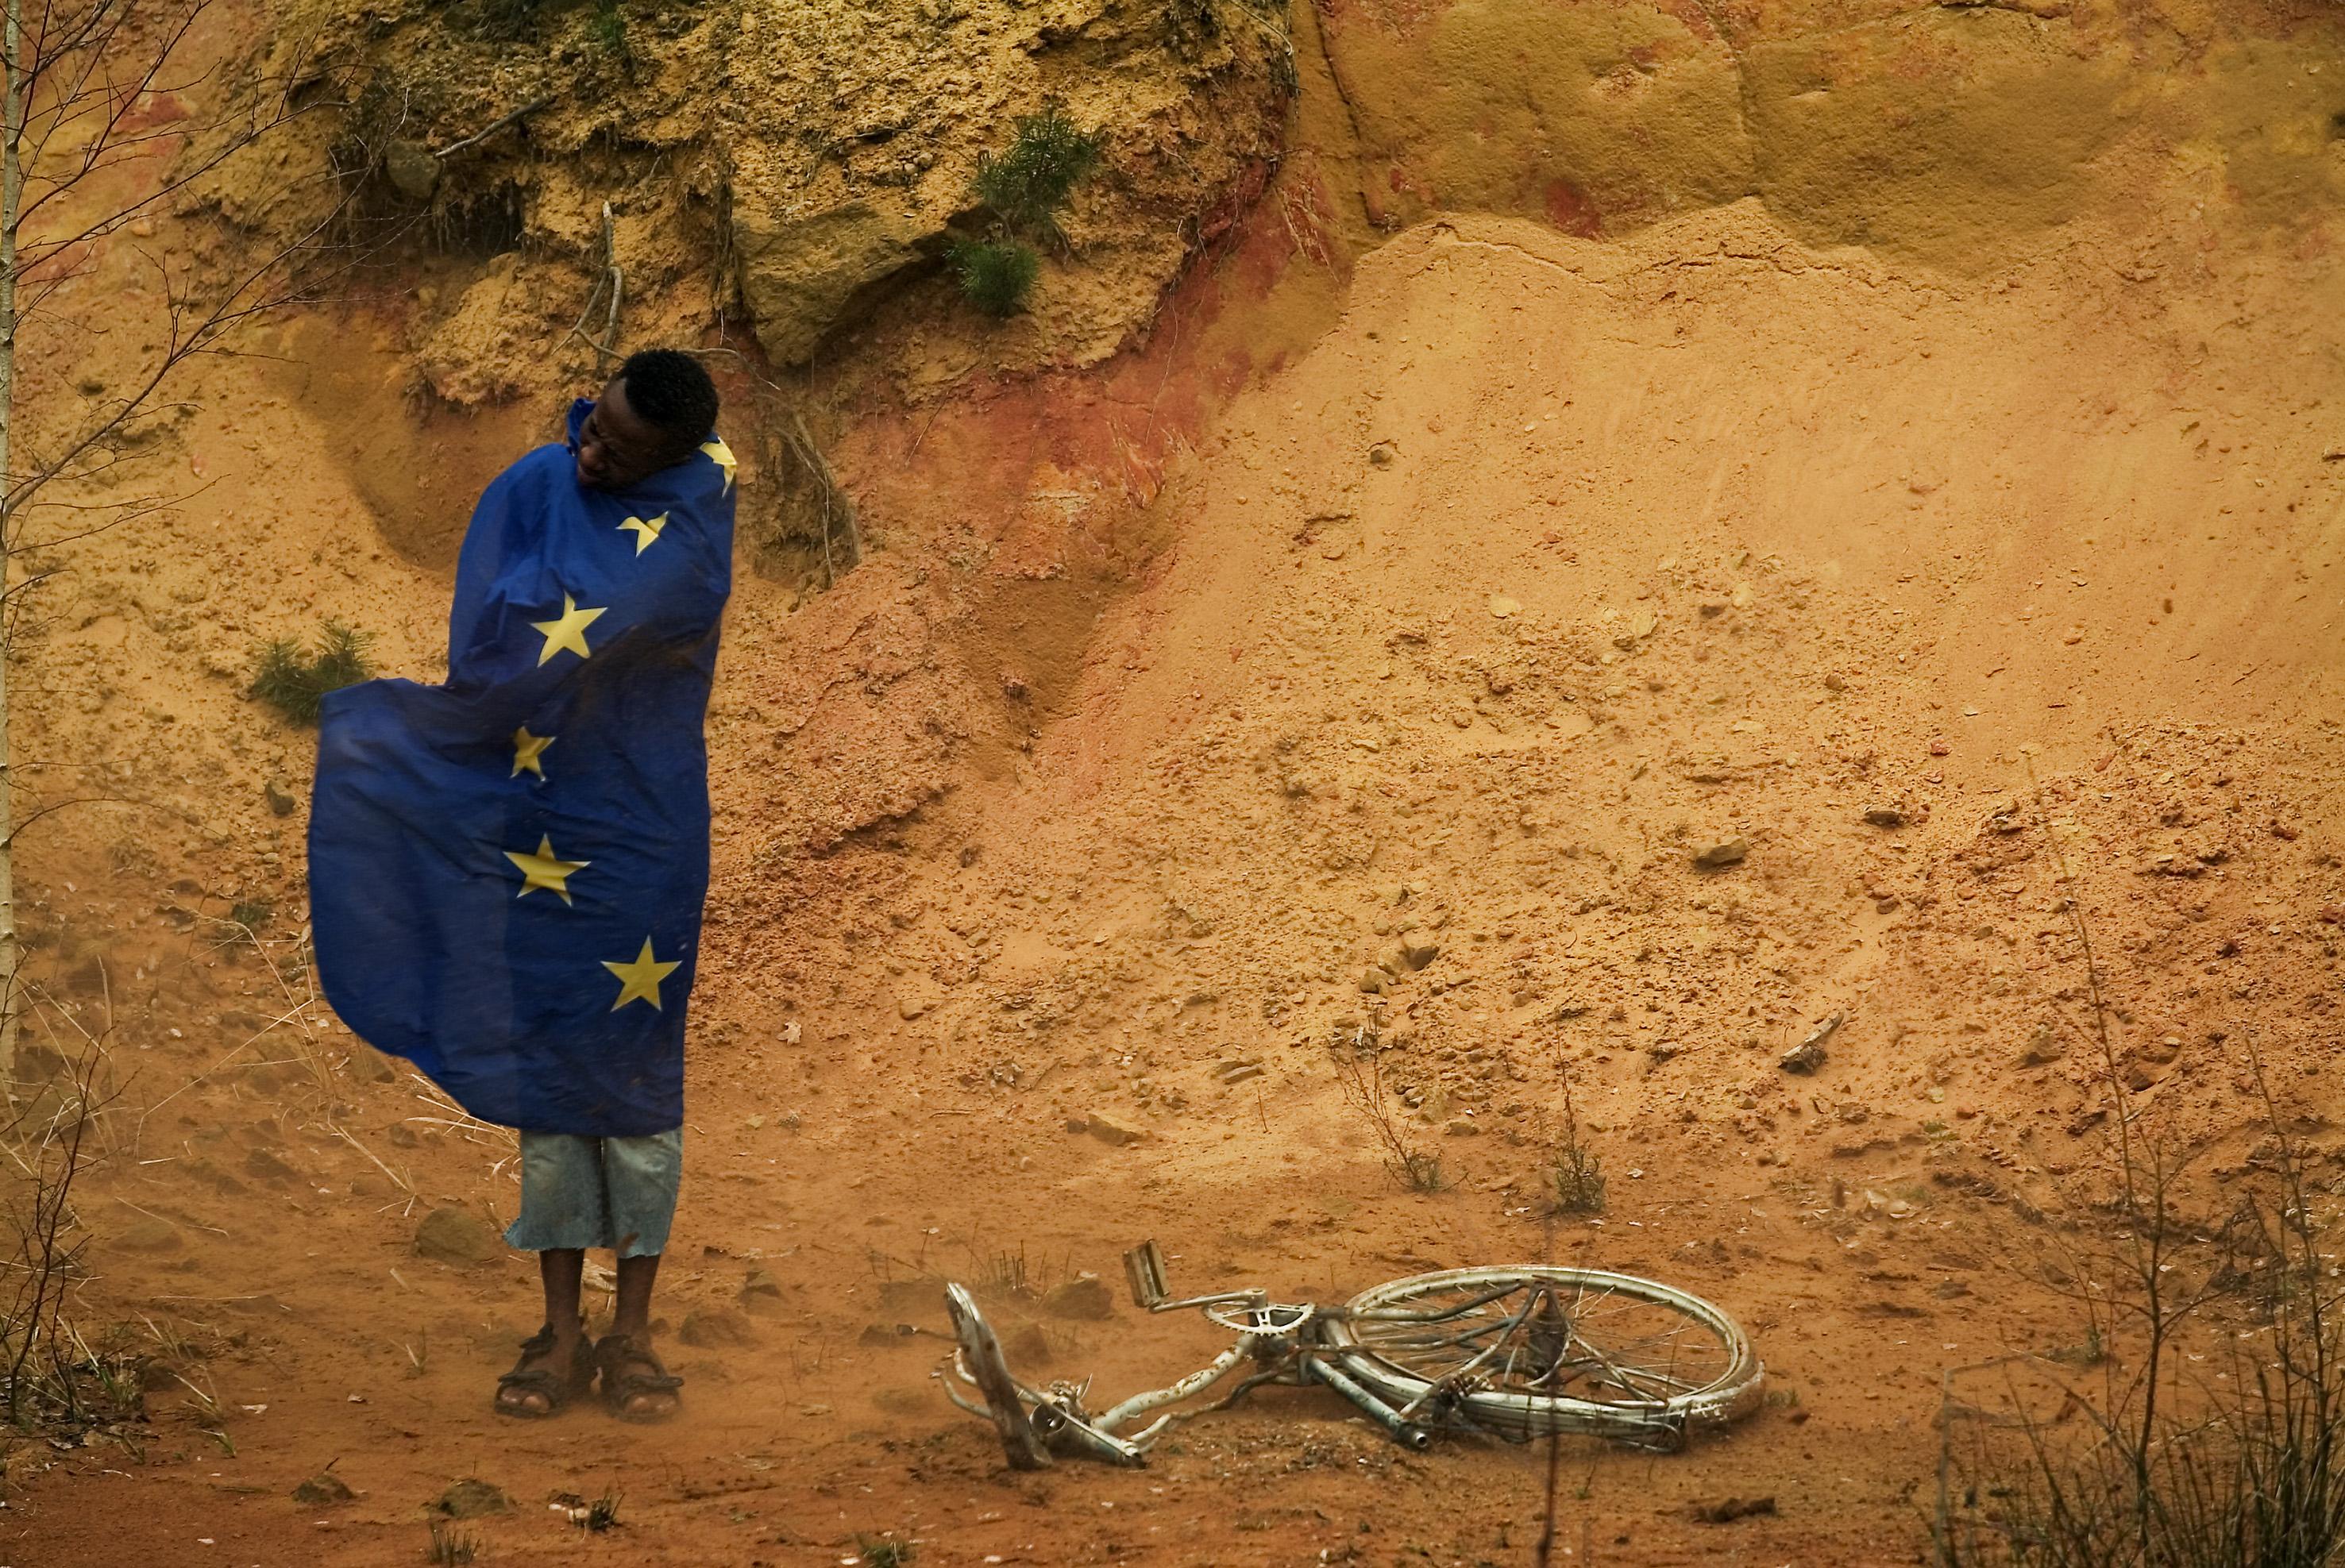 migrant-wearing-EU-flag